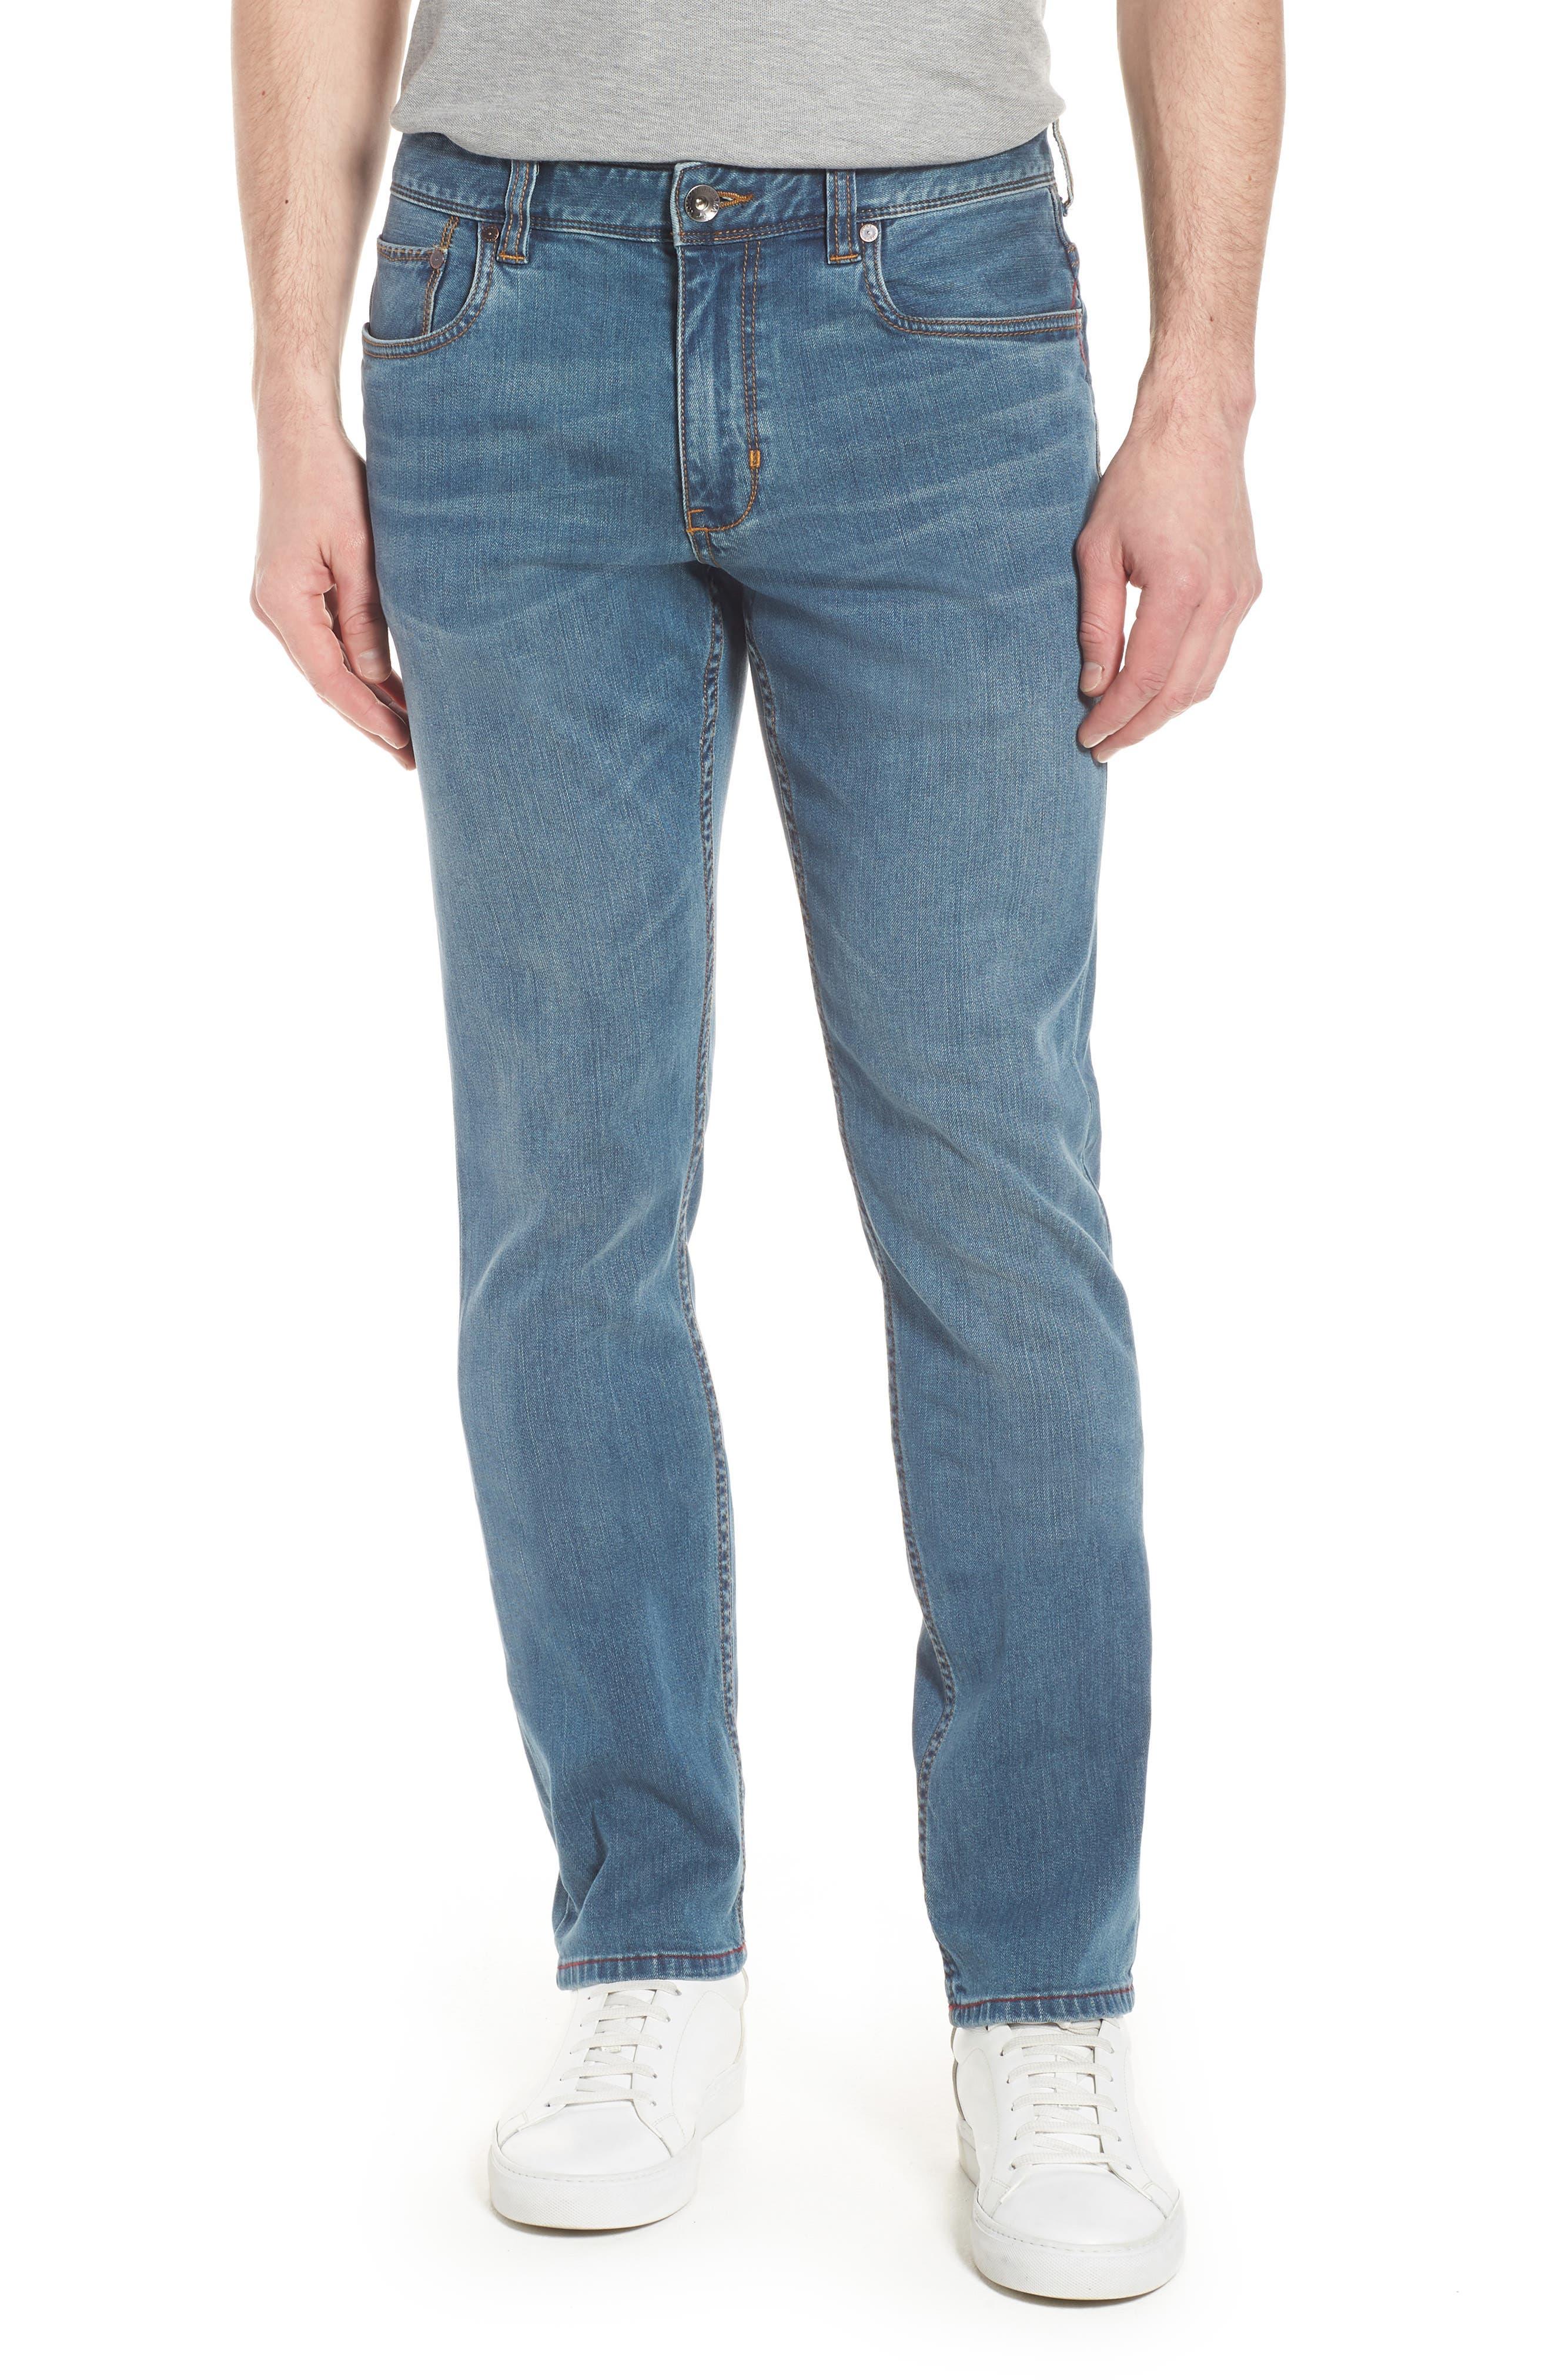 Vintage Fit Jeans,                             Main thumbnail 1, color,                             Vintage Wash